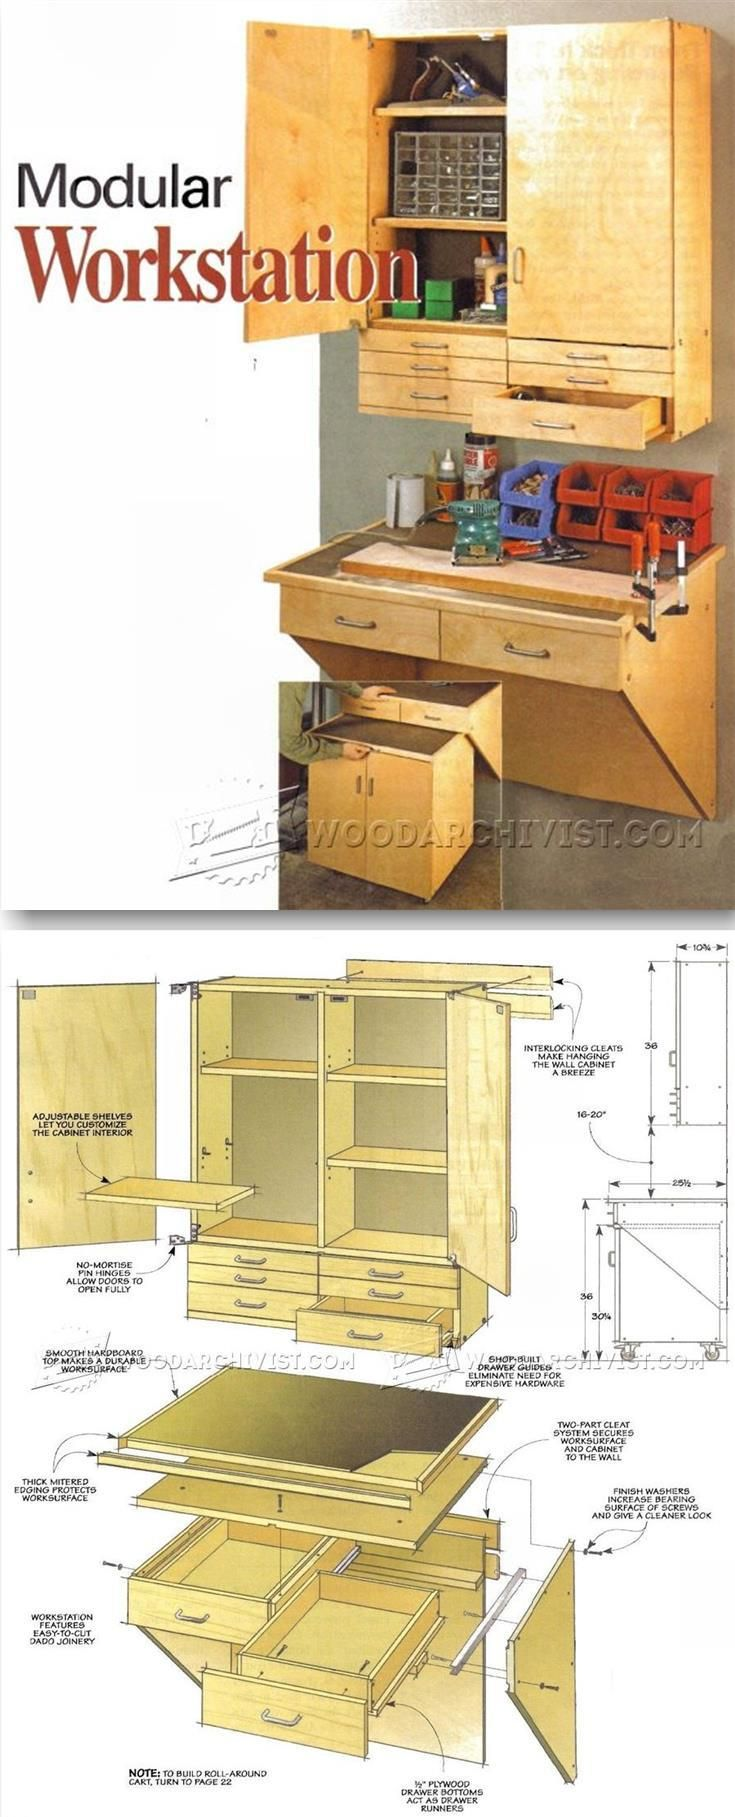 Modular Workstation Plans - Workshop Solutions Plans, Tips and Tricks | WoodArchivist.com